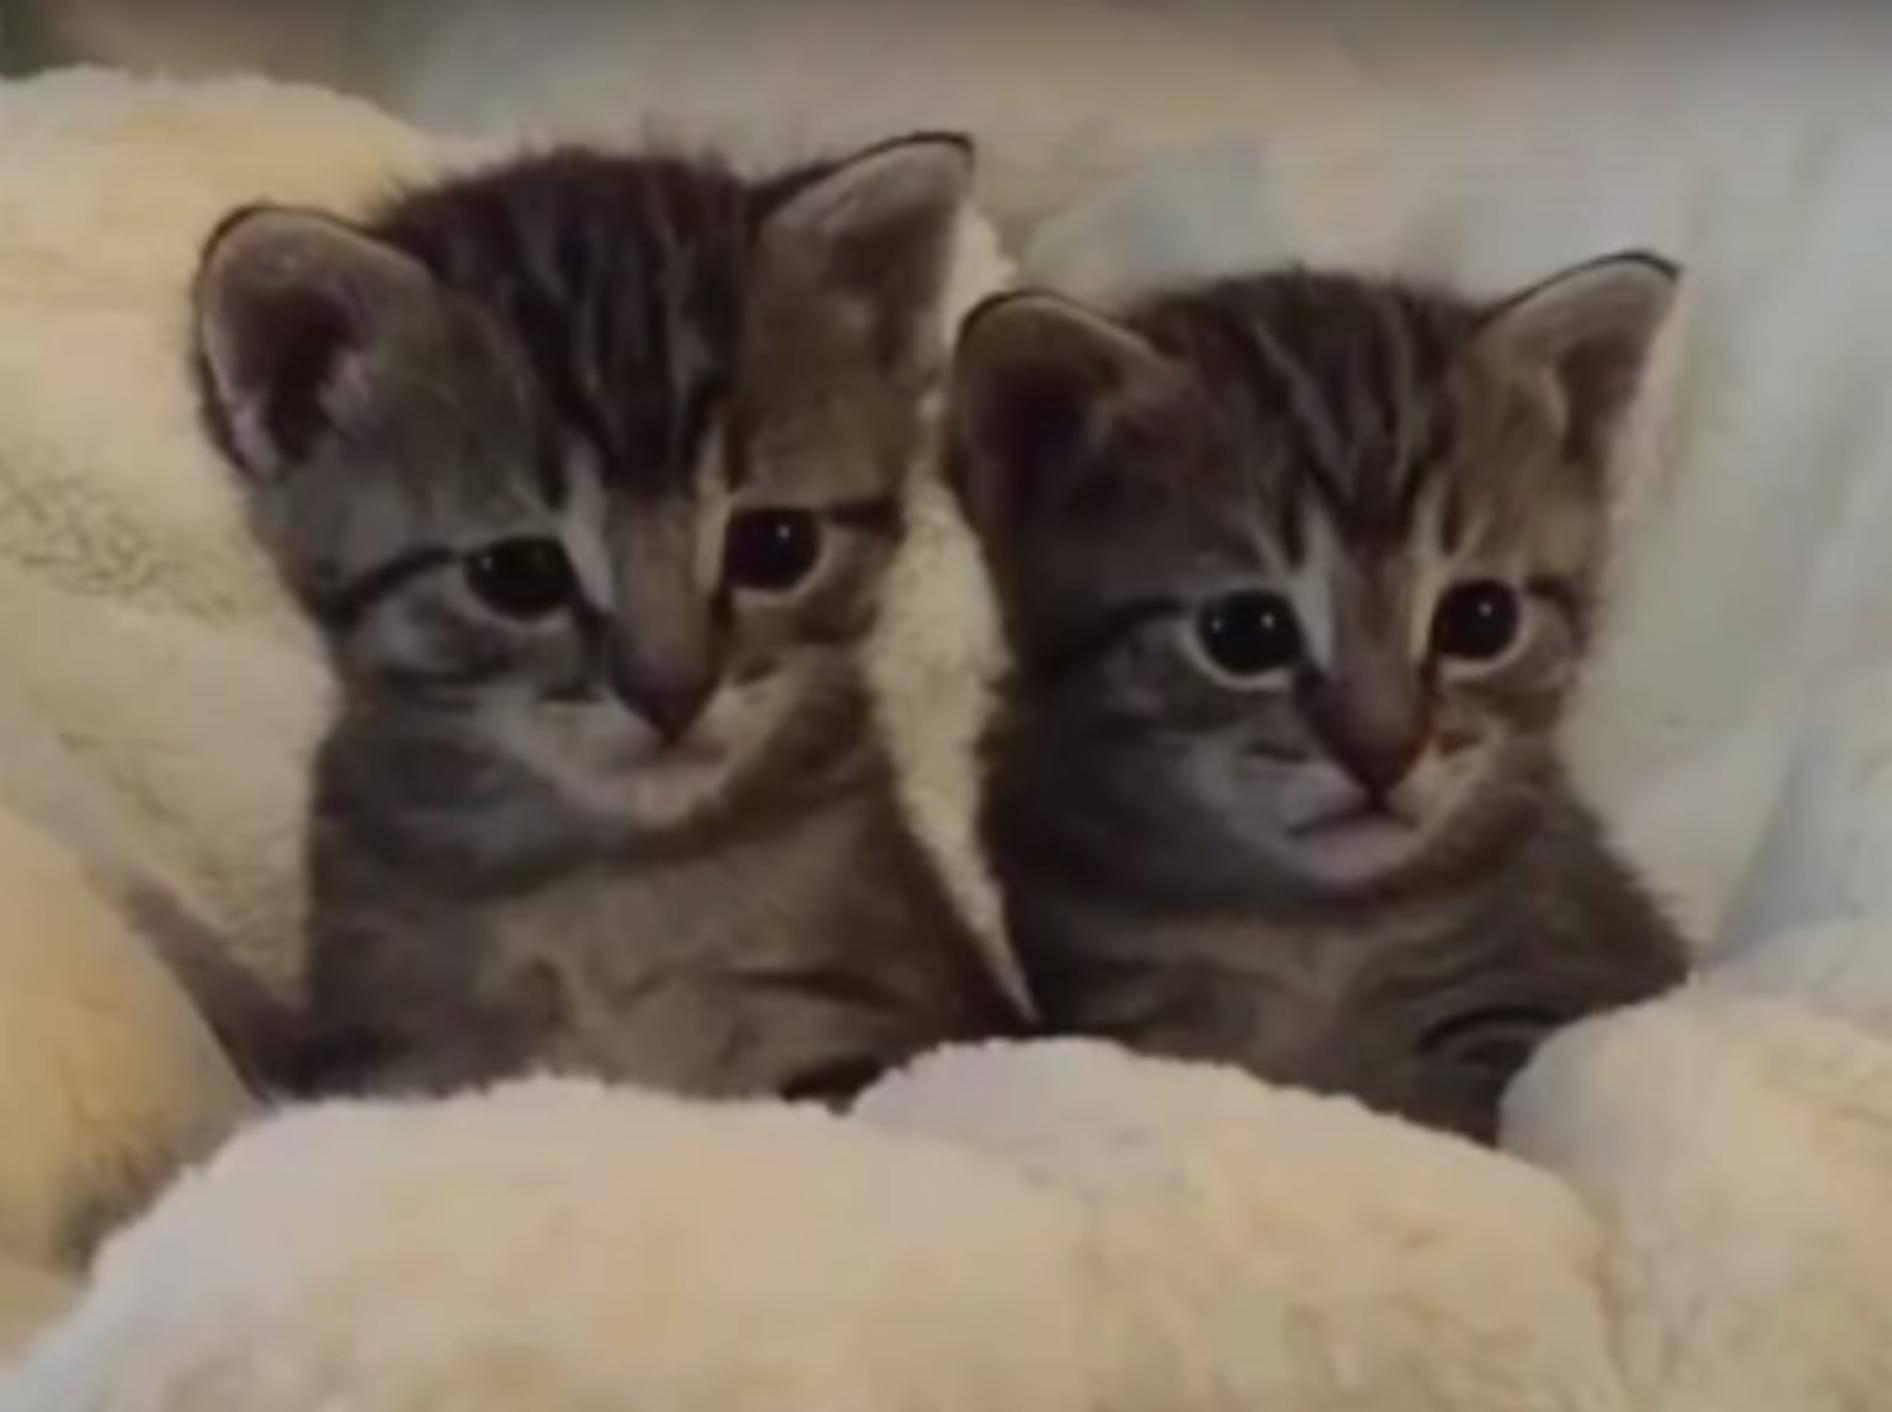 Wie niedlich diese beiden kleinen Kätzchen die Welt erst noch entdecken müssen – YouTube / foster kittens